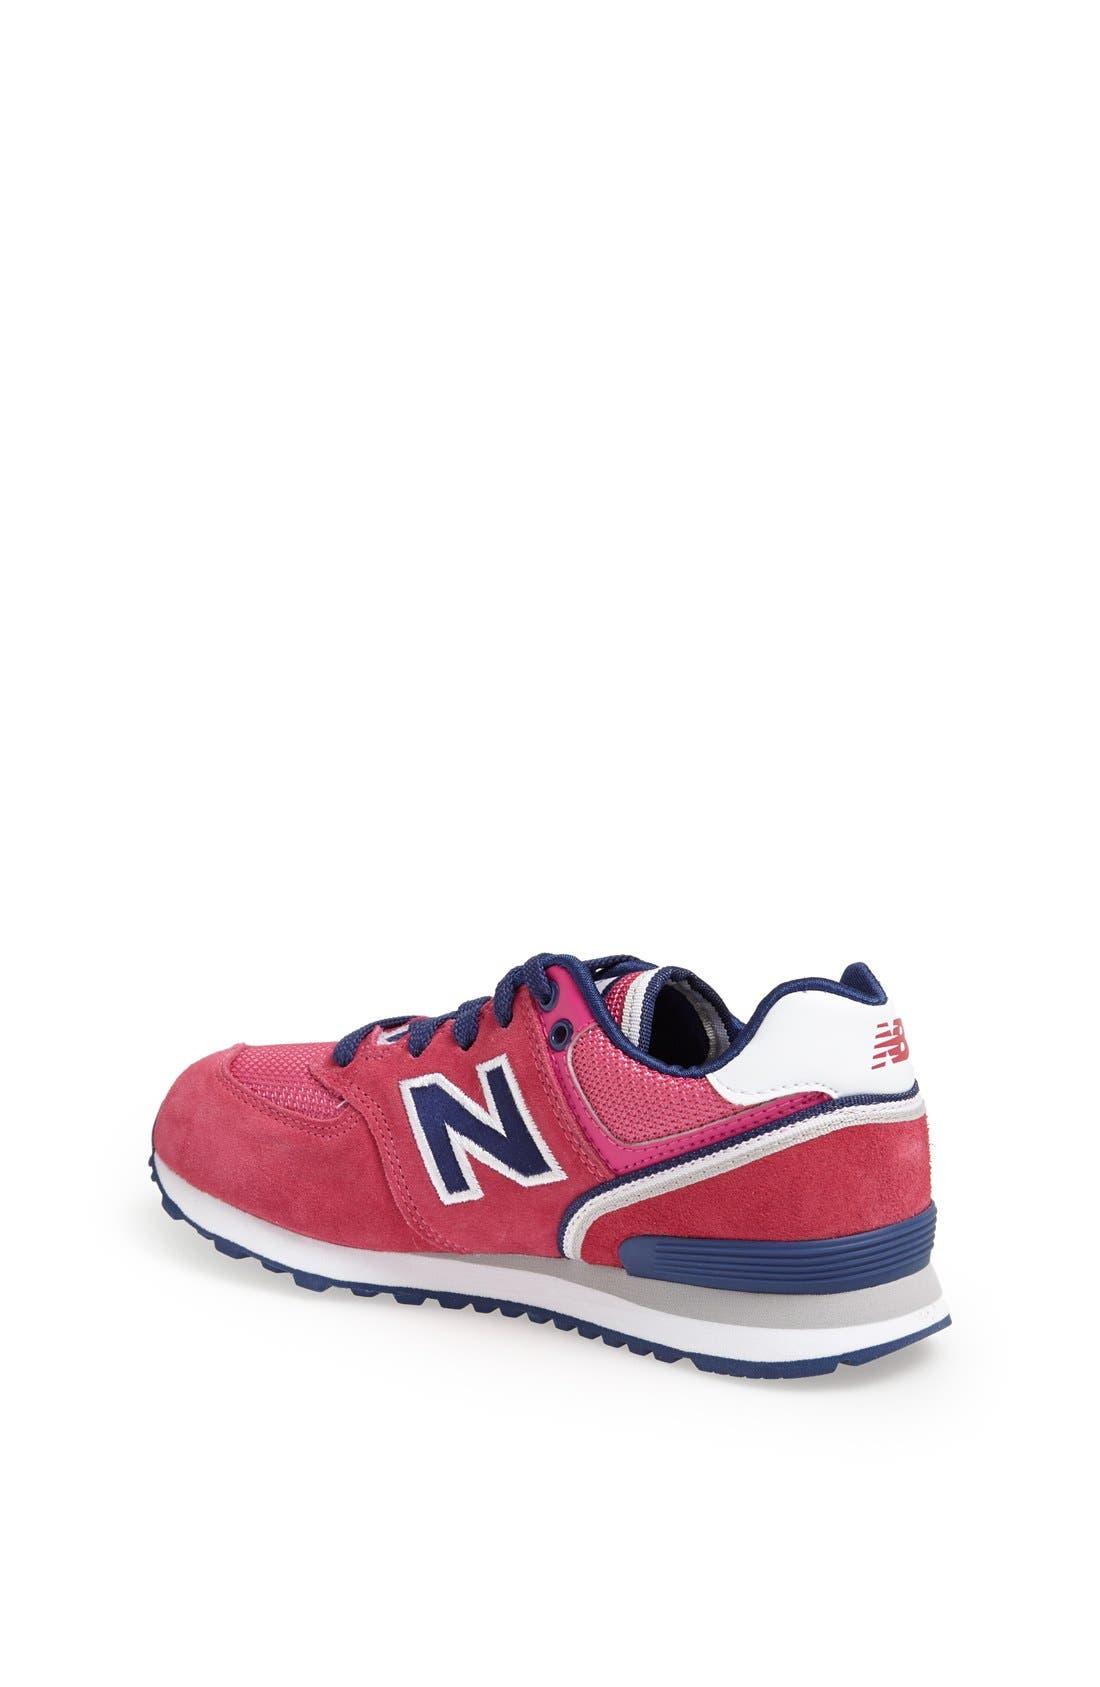 Alternate Image 2  - New Balance '574 - SJ' Sneaker (Toddler, Little Kid & Big Kid)